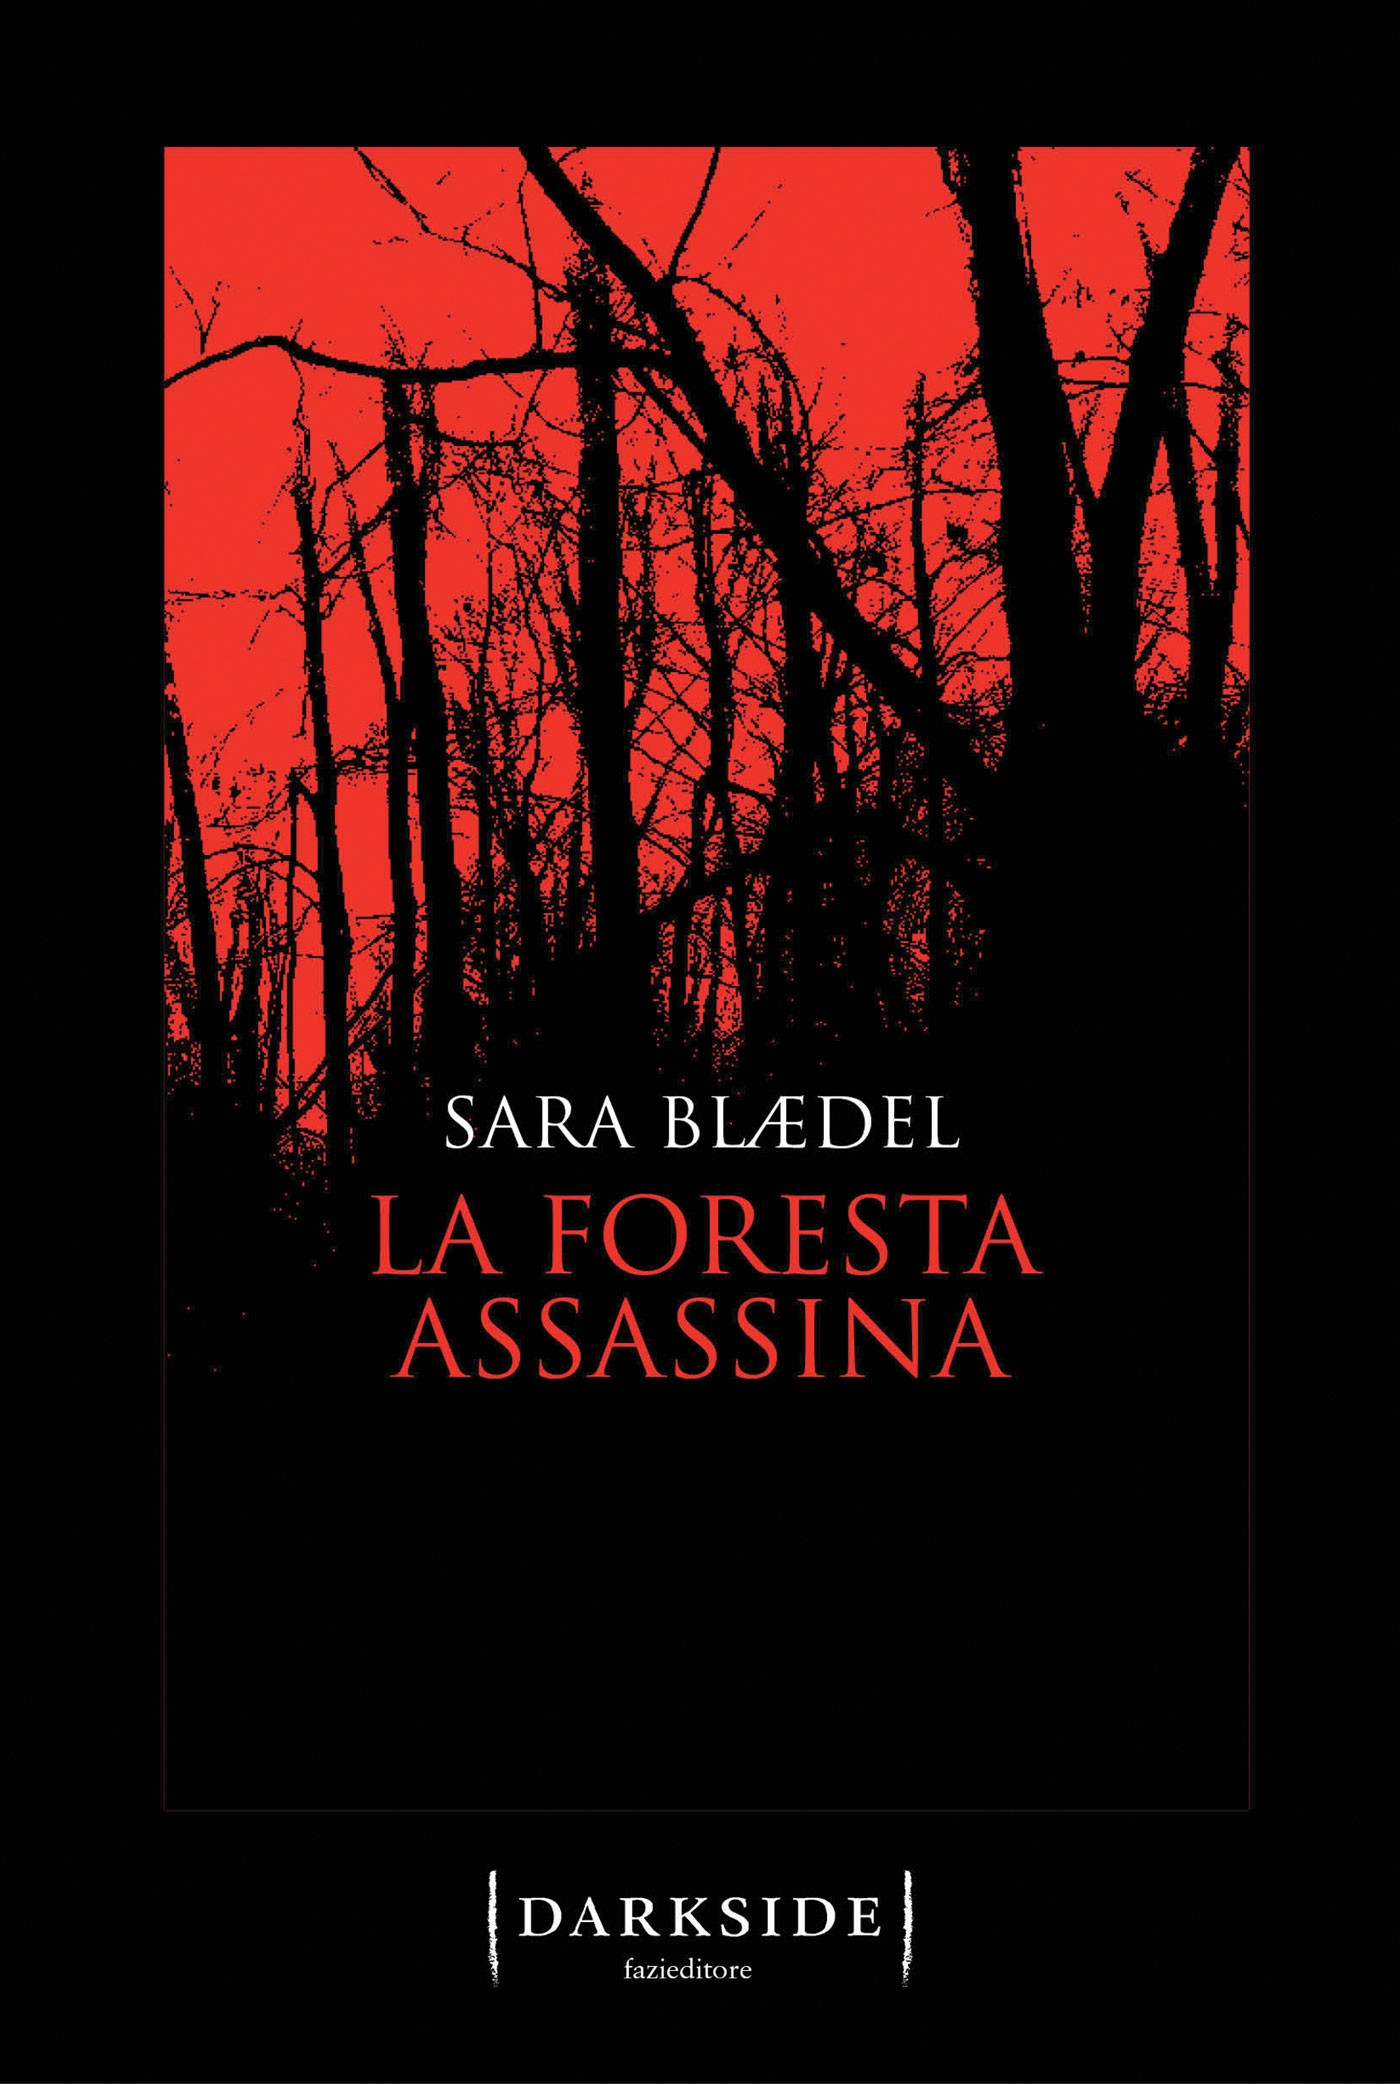 Risultati immagini per la foresta assassina sara